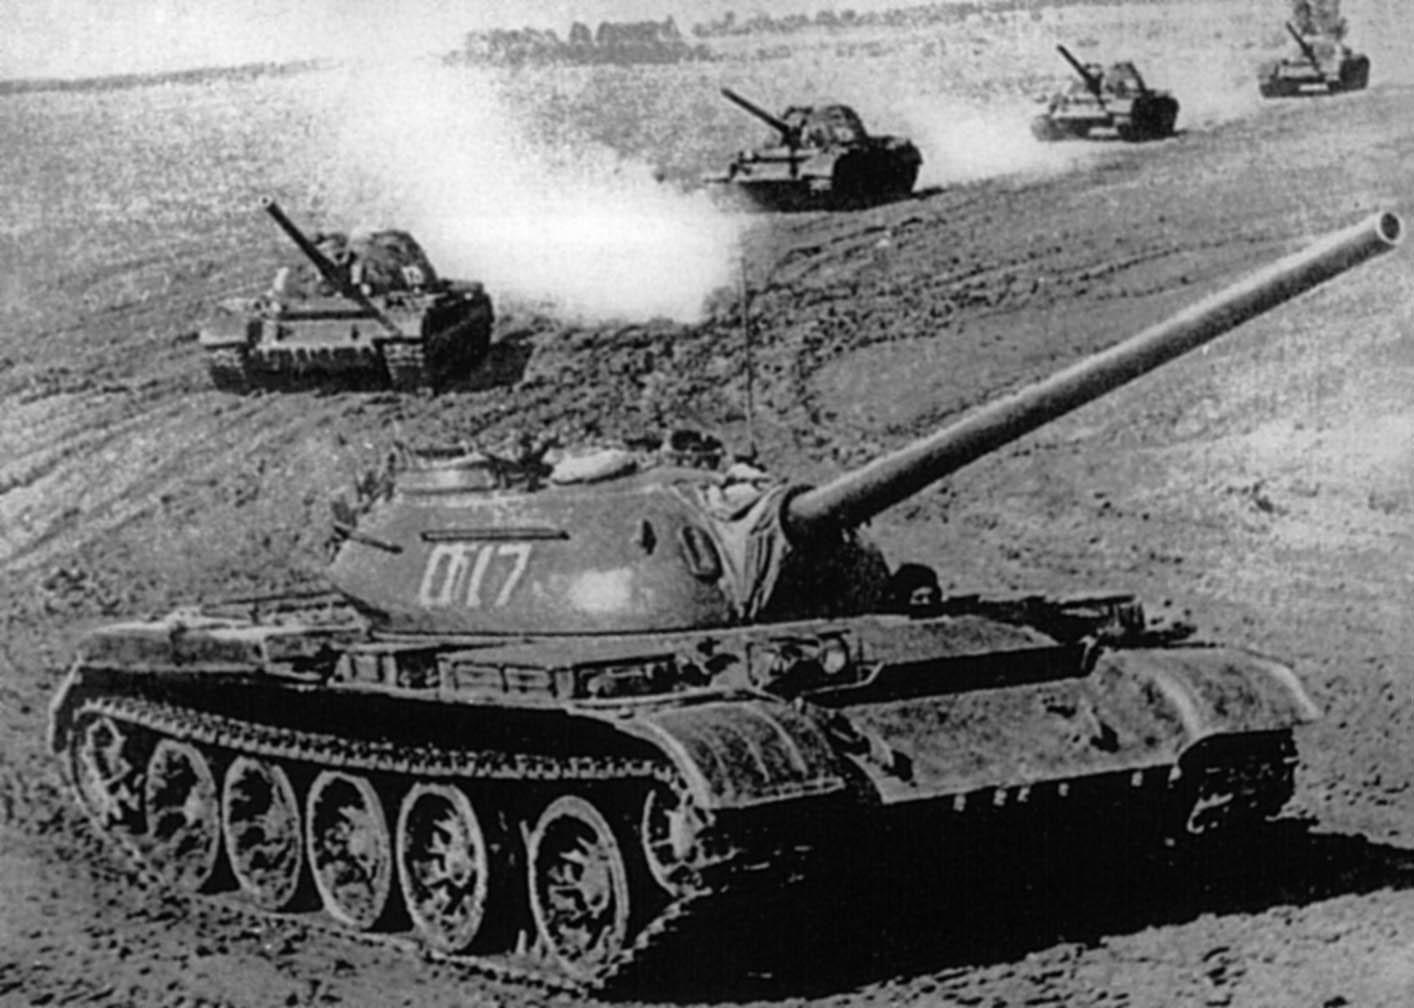 عودة التفوق الروسي البري من جديد , الحلم الروسي T-14 T-54-2_Morozov